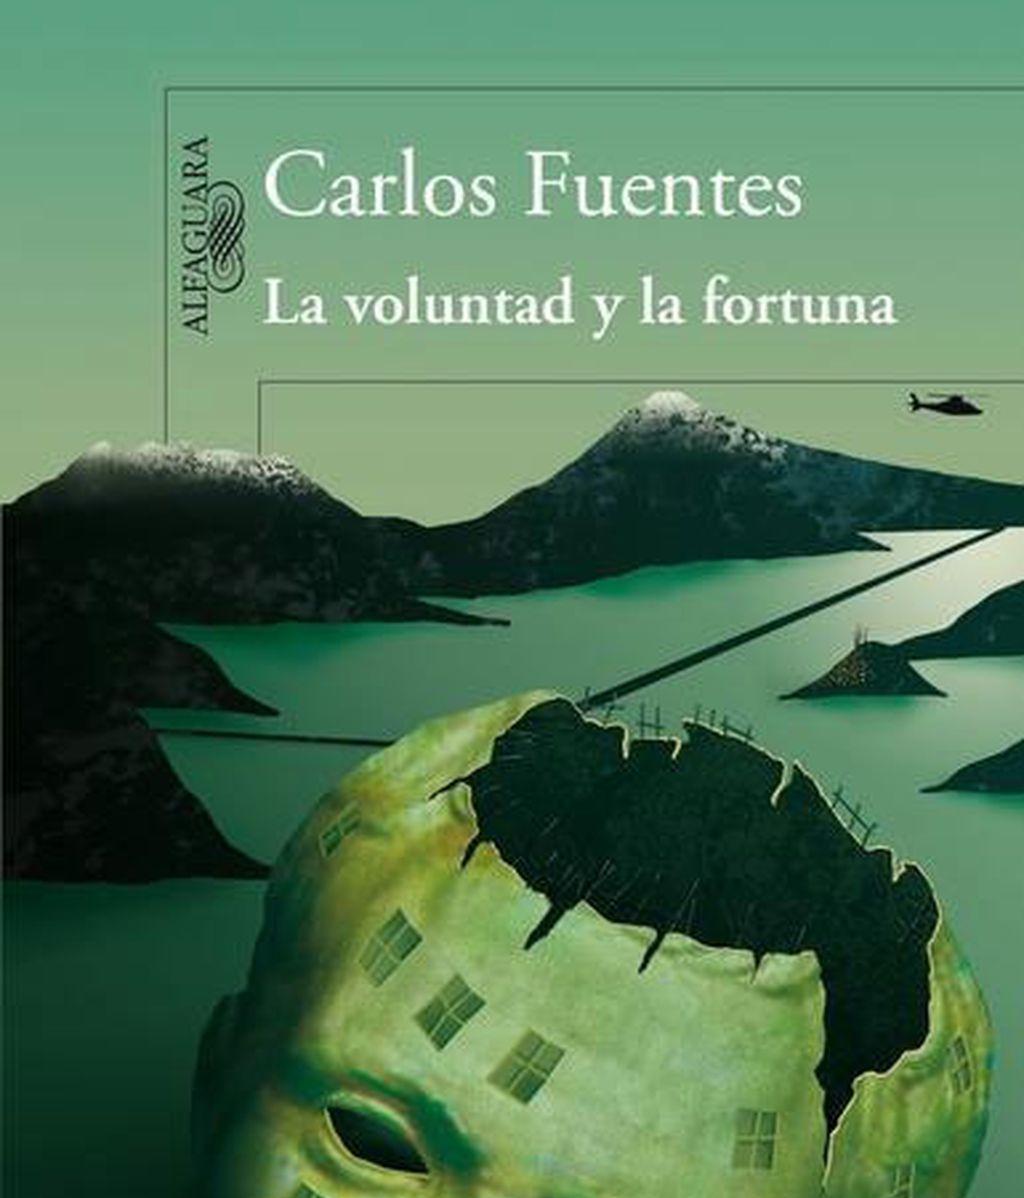 LA VOLUNTAD Y LA FORTUNA (CARLOS FUENTES)